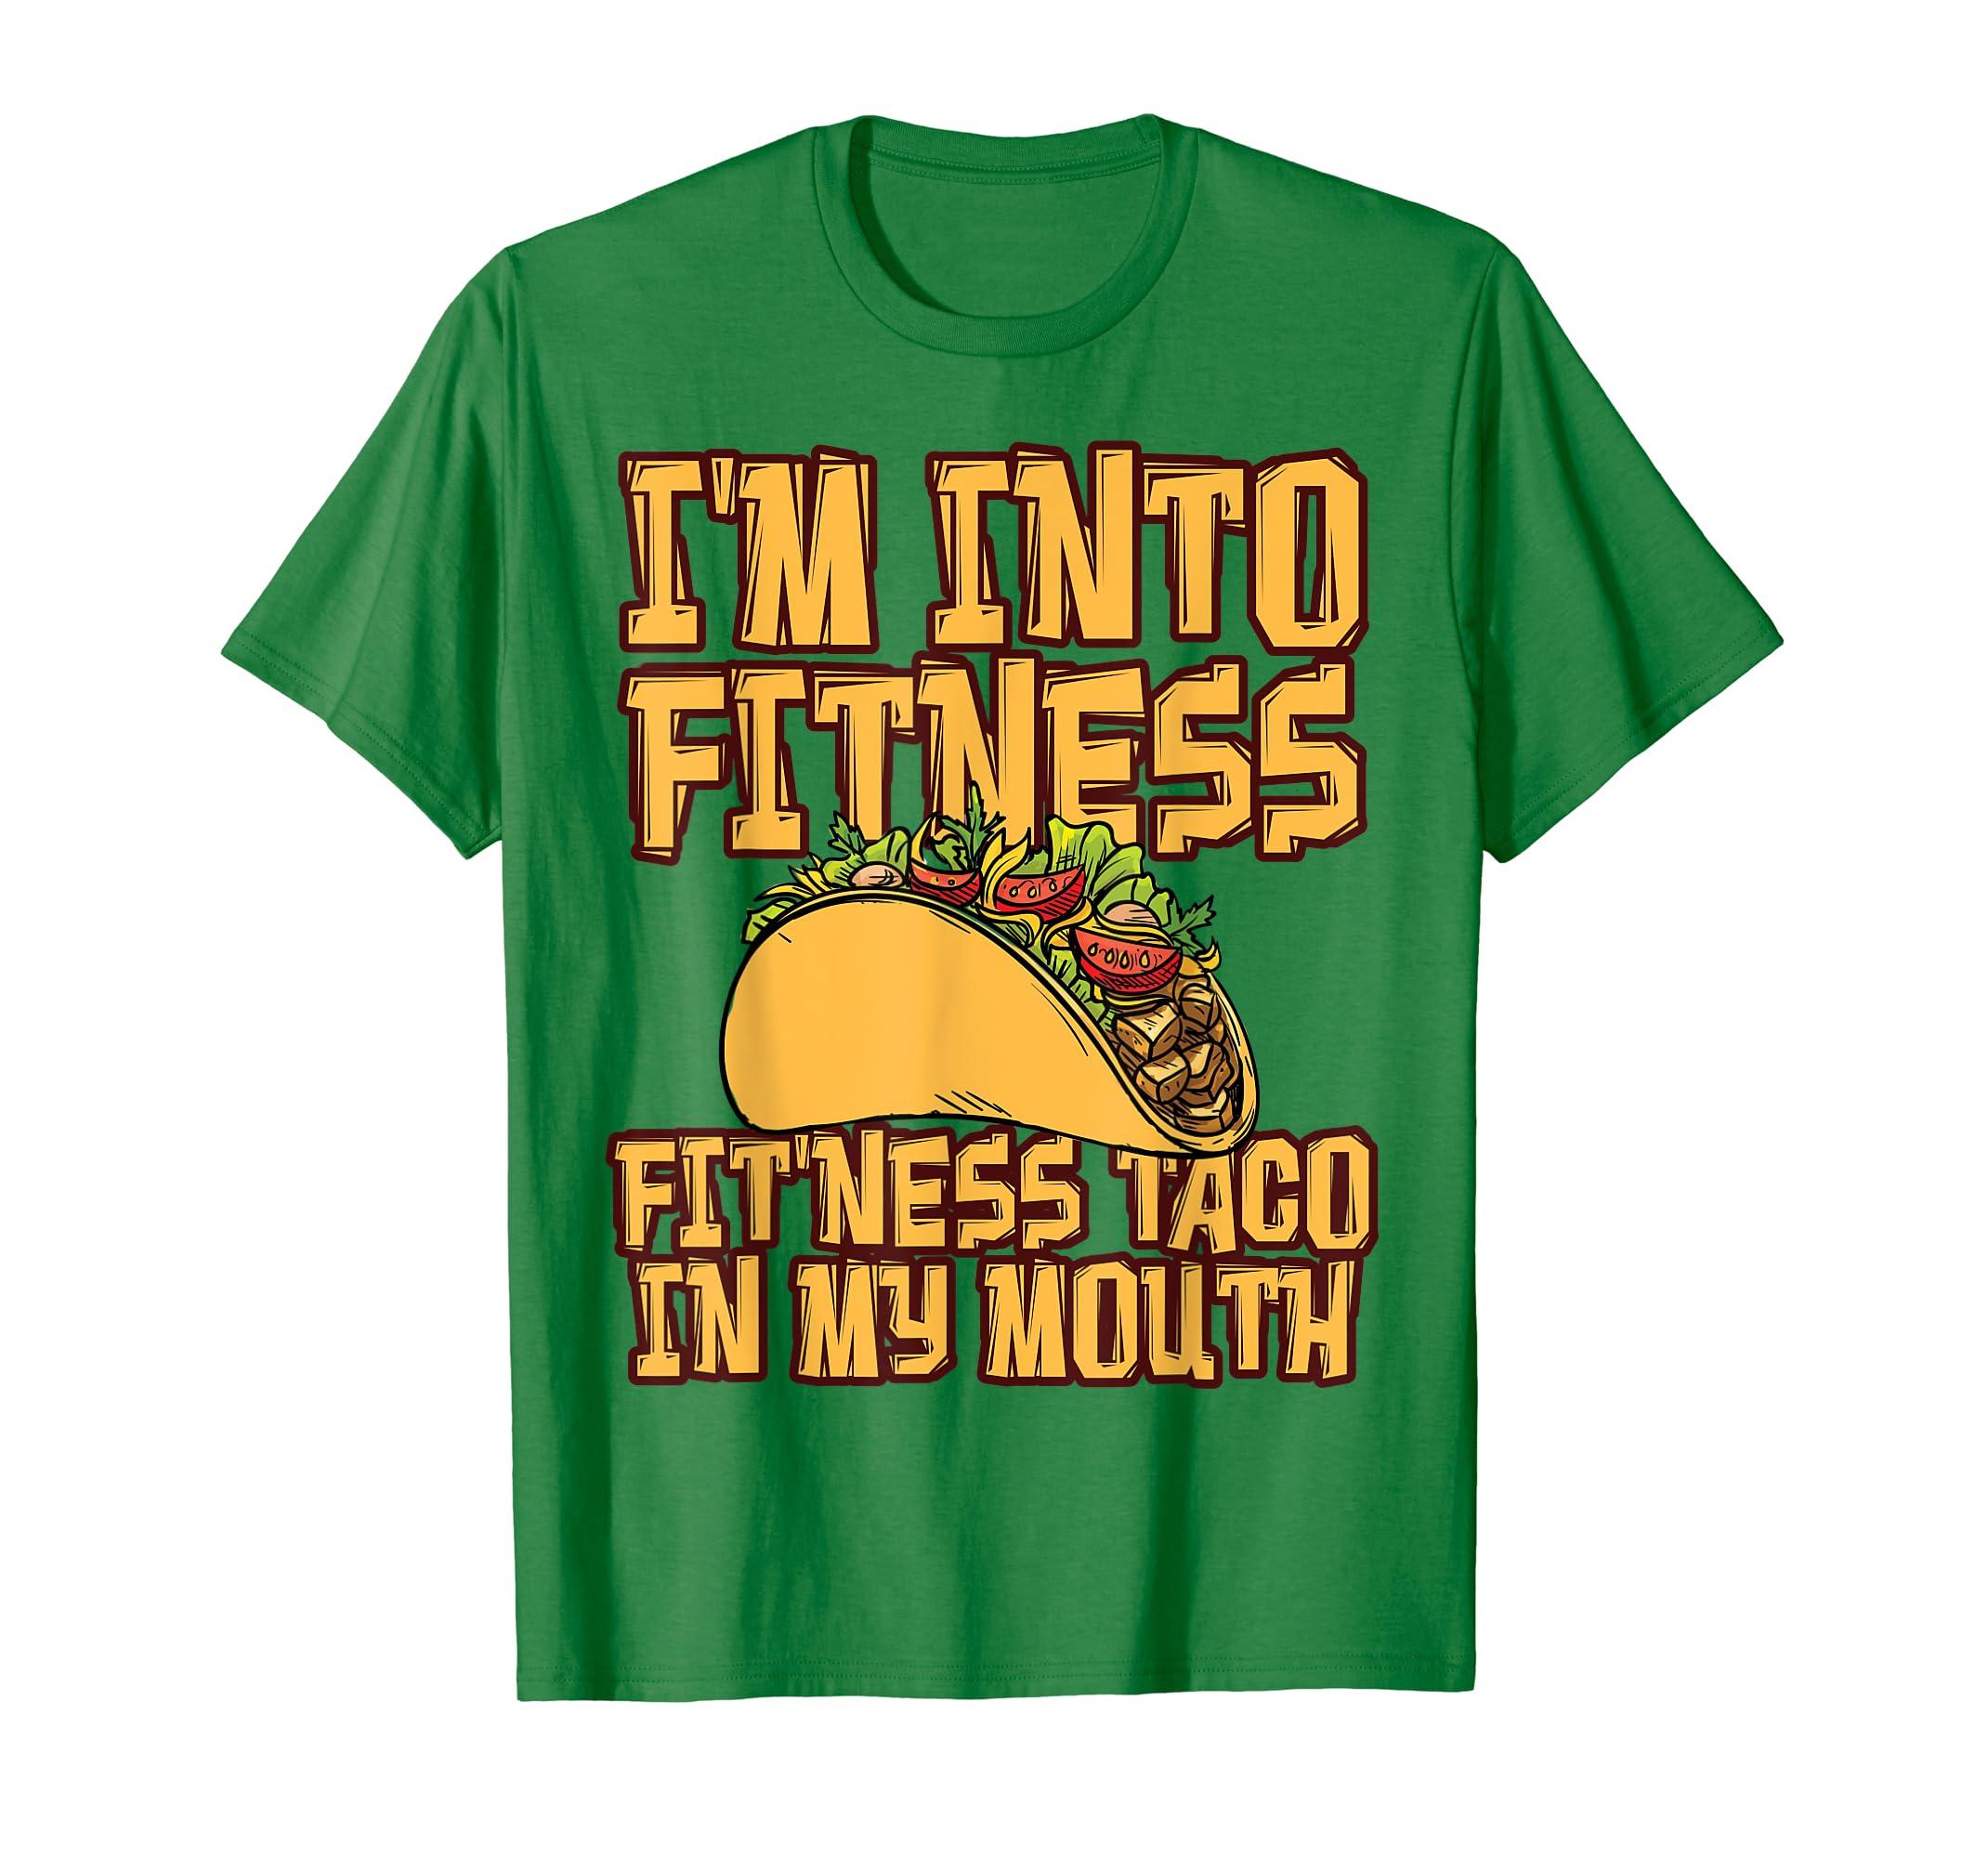 Amazon.com: Funny Taco T Shirt FITNESS TACO Humor Birthday Gift: Clothing